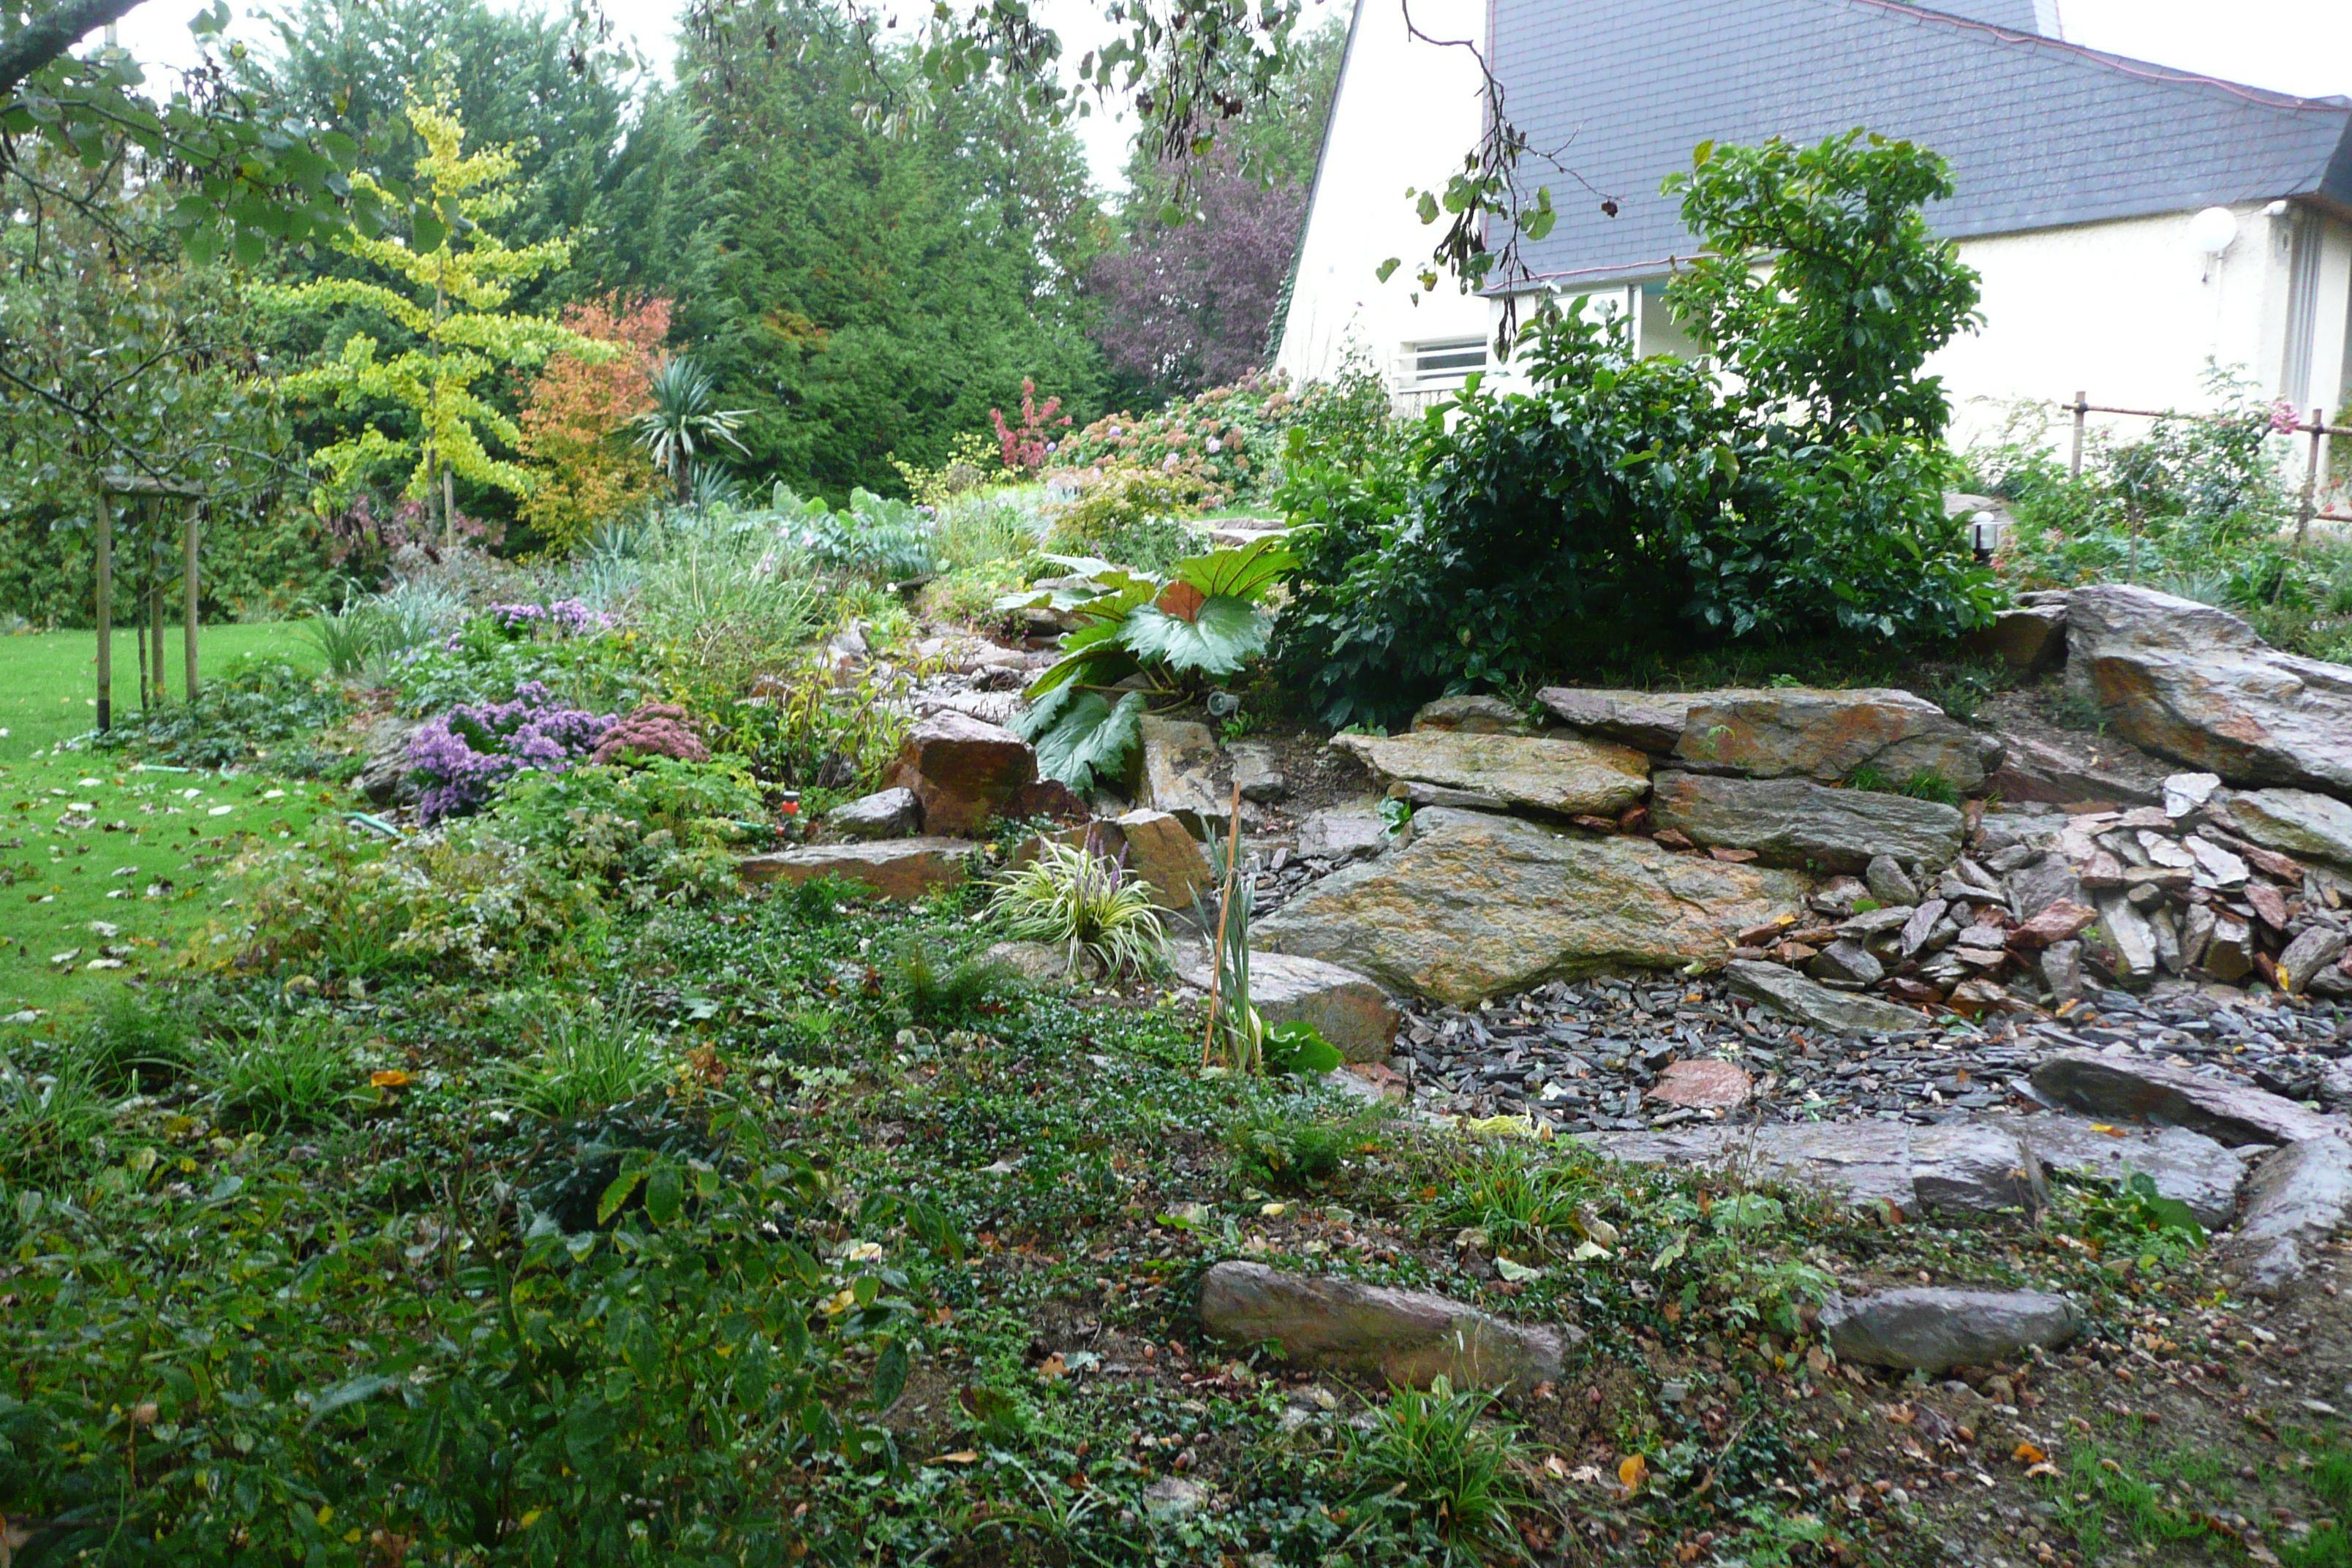 amenager une rocaille fashion designs With beautiful amenagement de jardin avec des pierres 4 le jardin mediterraneen photo de jardins de kerdalo